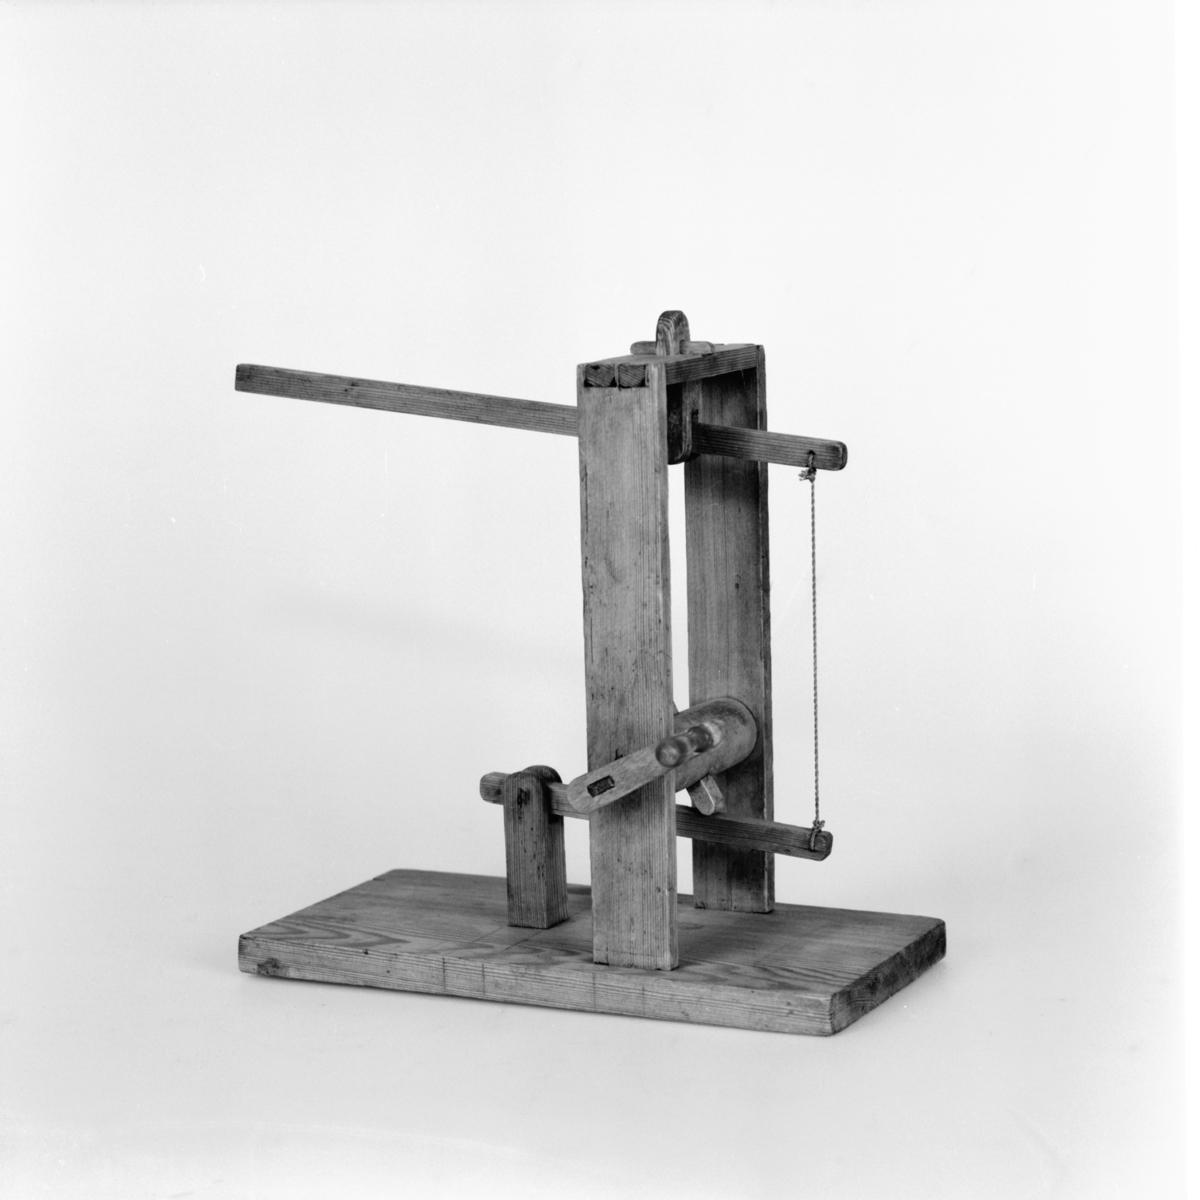 Modell ur Polhems mekaniska alfabet. När axeln som är försedd med klackar roterar erhåller den övre armen en vickande rörelse.